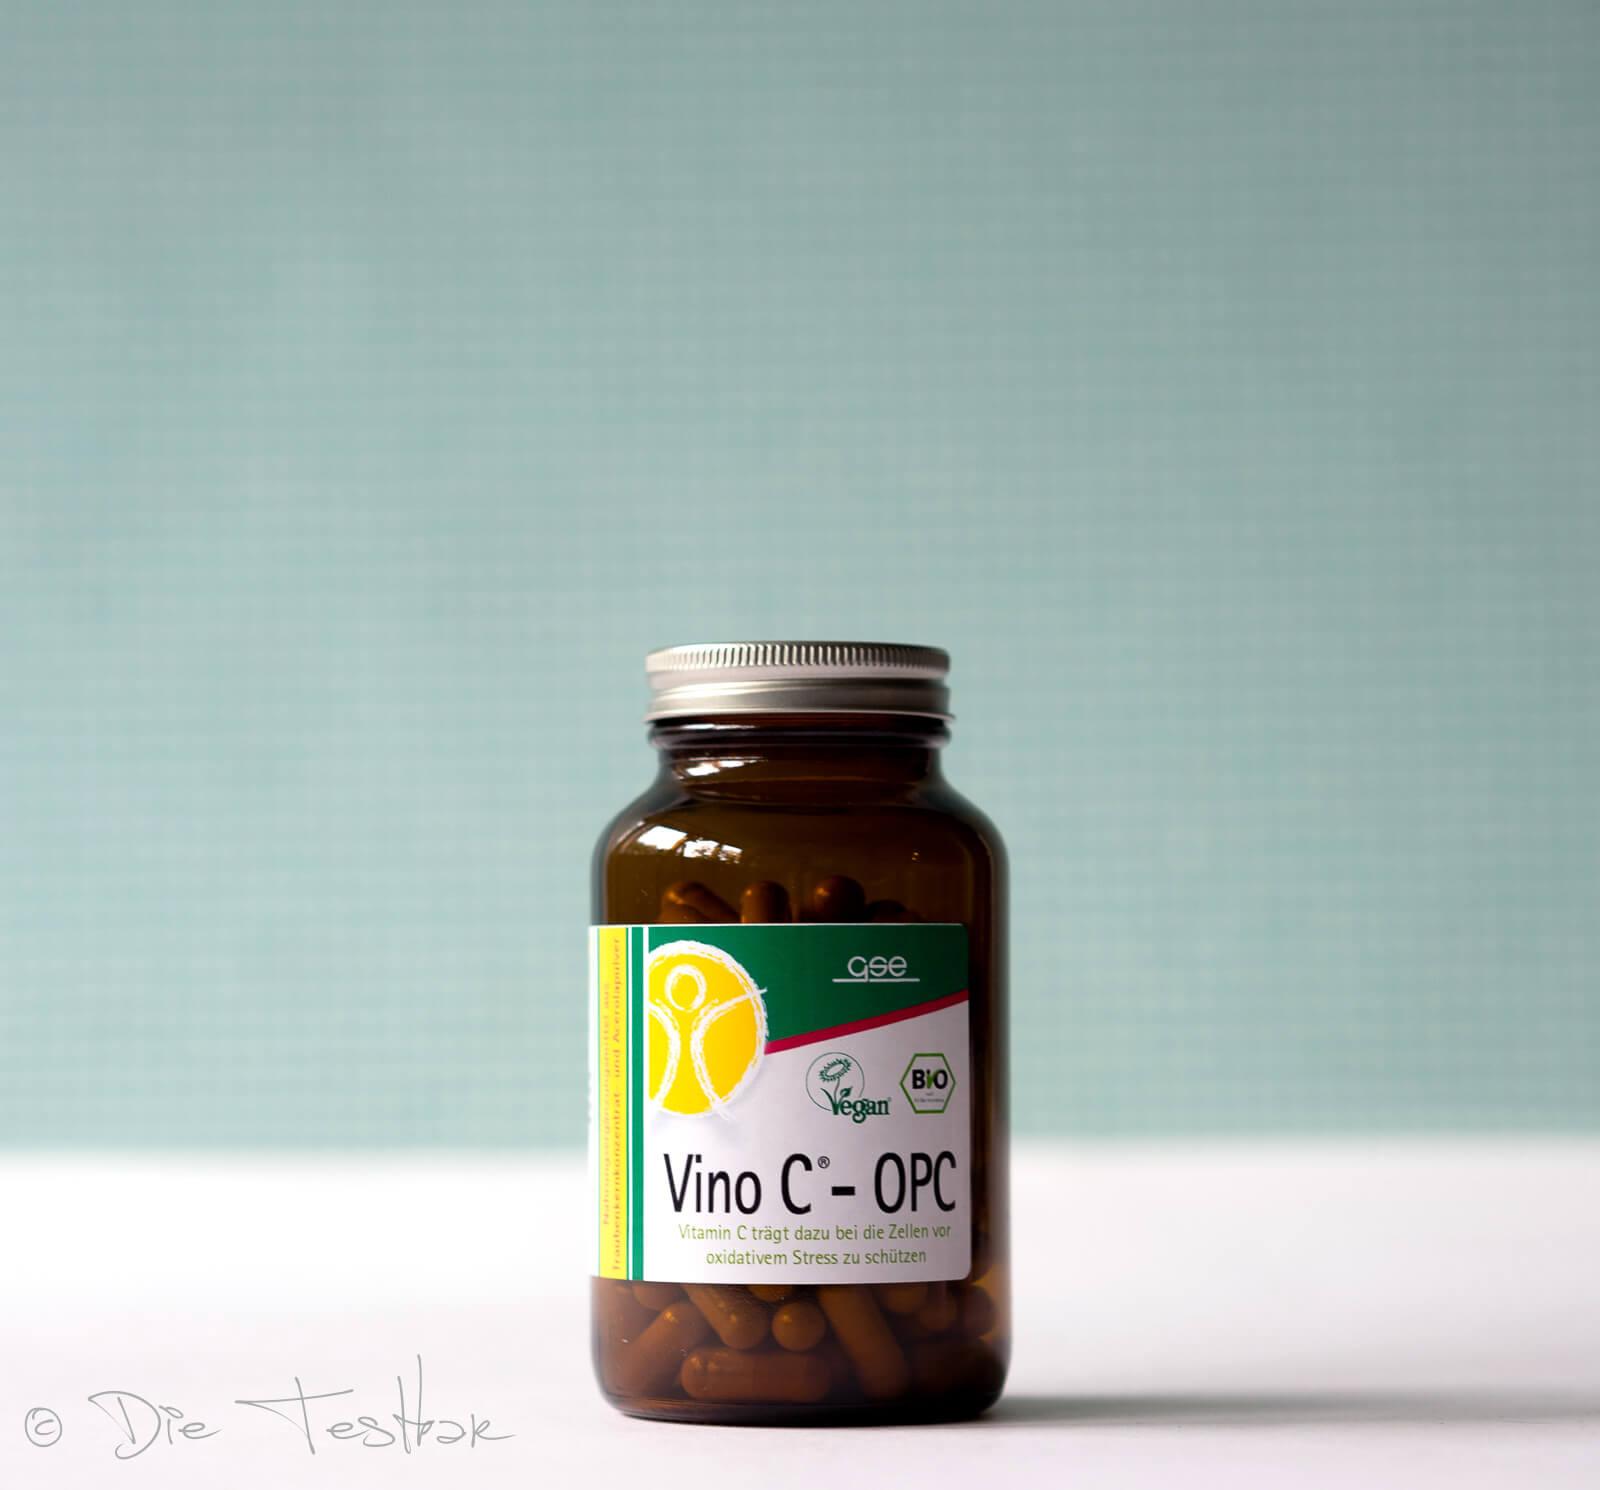 Vino C® - OPC (Bio)